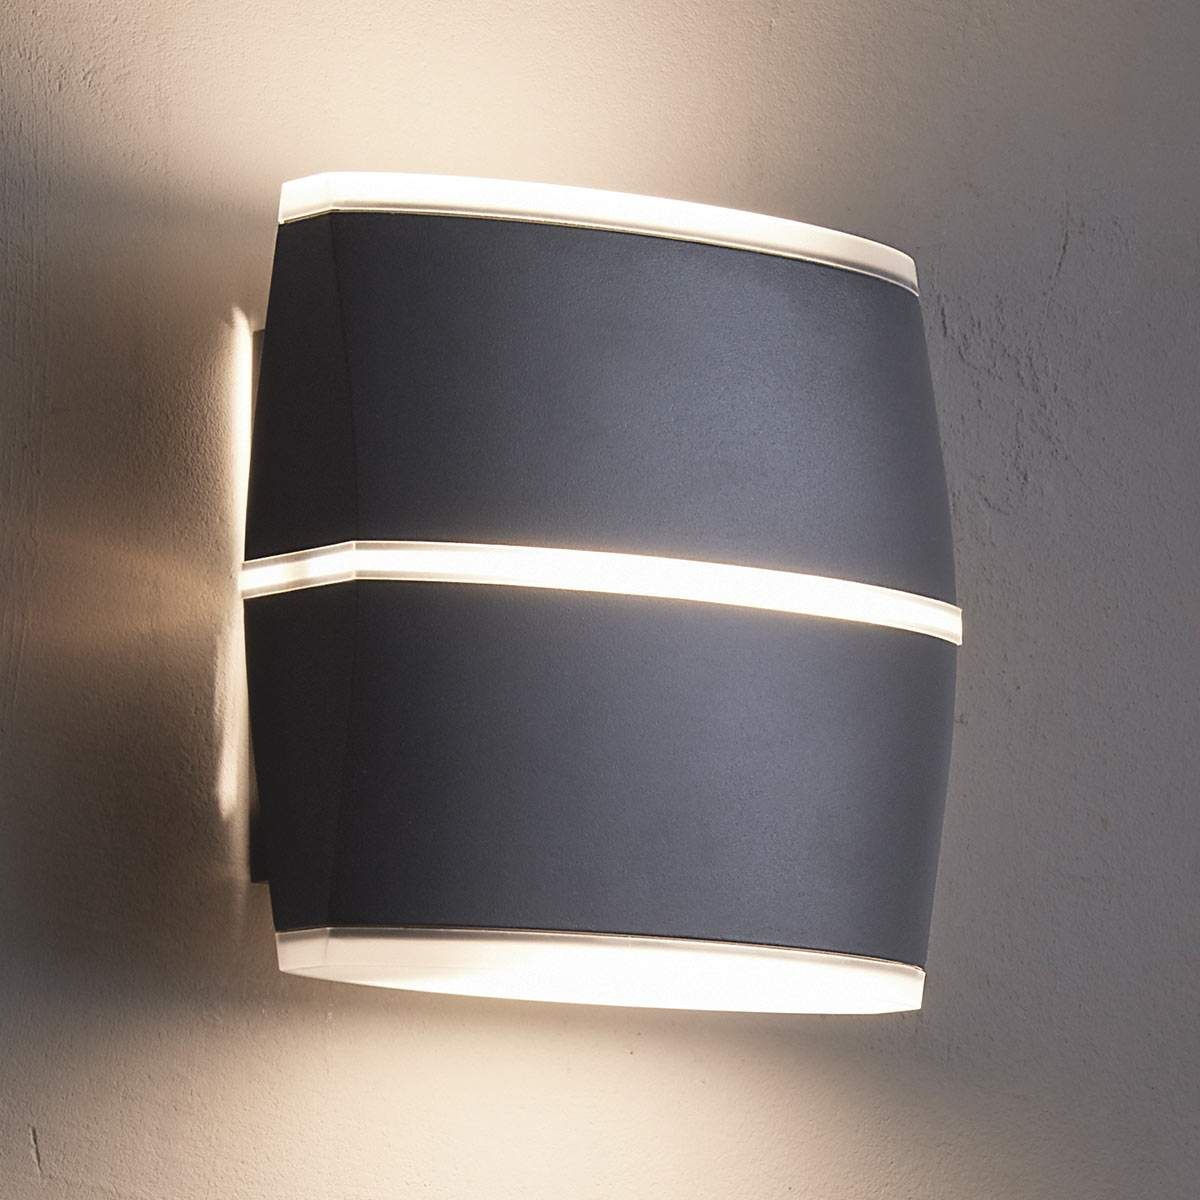 Aussenleuchte Mit Bewegungsmelder Weiss Led Aussenleuchte Edelstahl Aussenwandleuchte Bewegungsmelder An Aussenwandleuchte Wandlampe Lampe Mit Bewegungsmelder